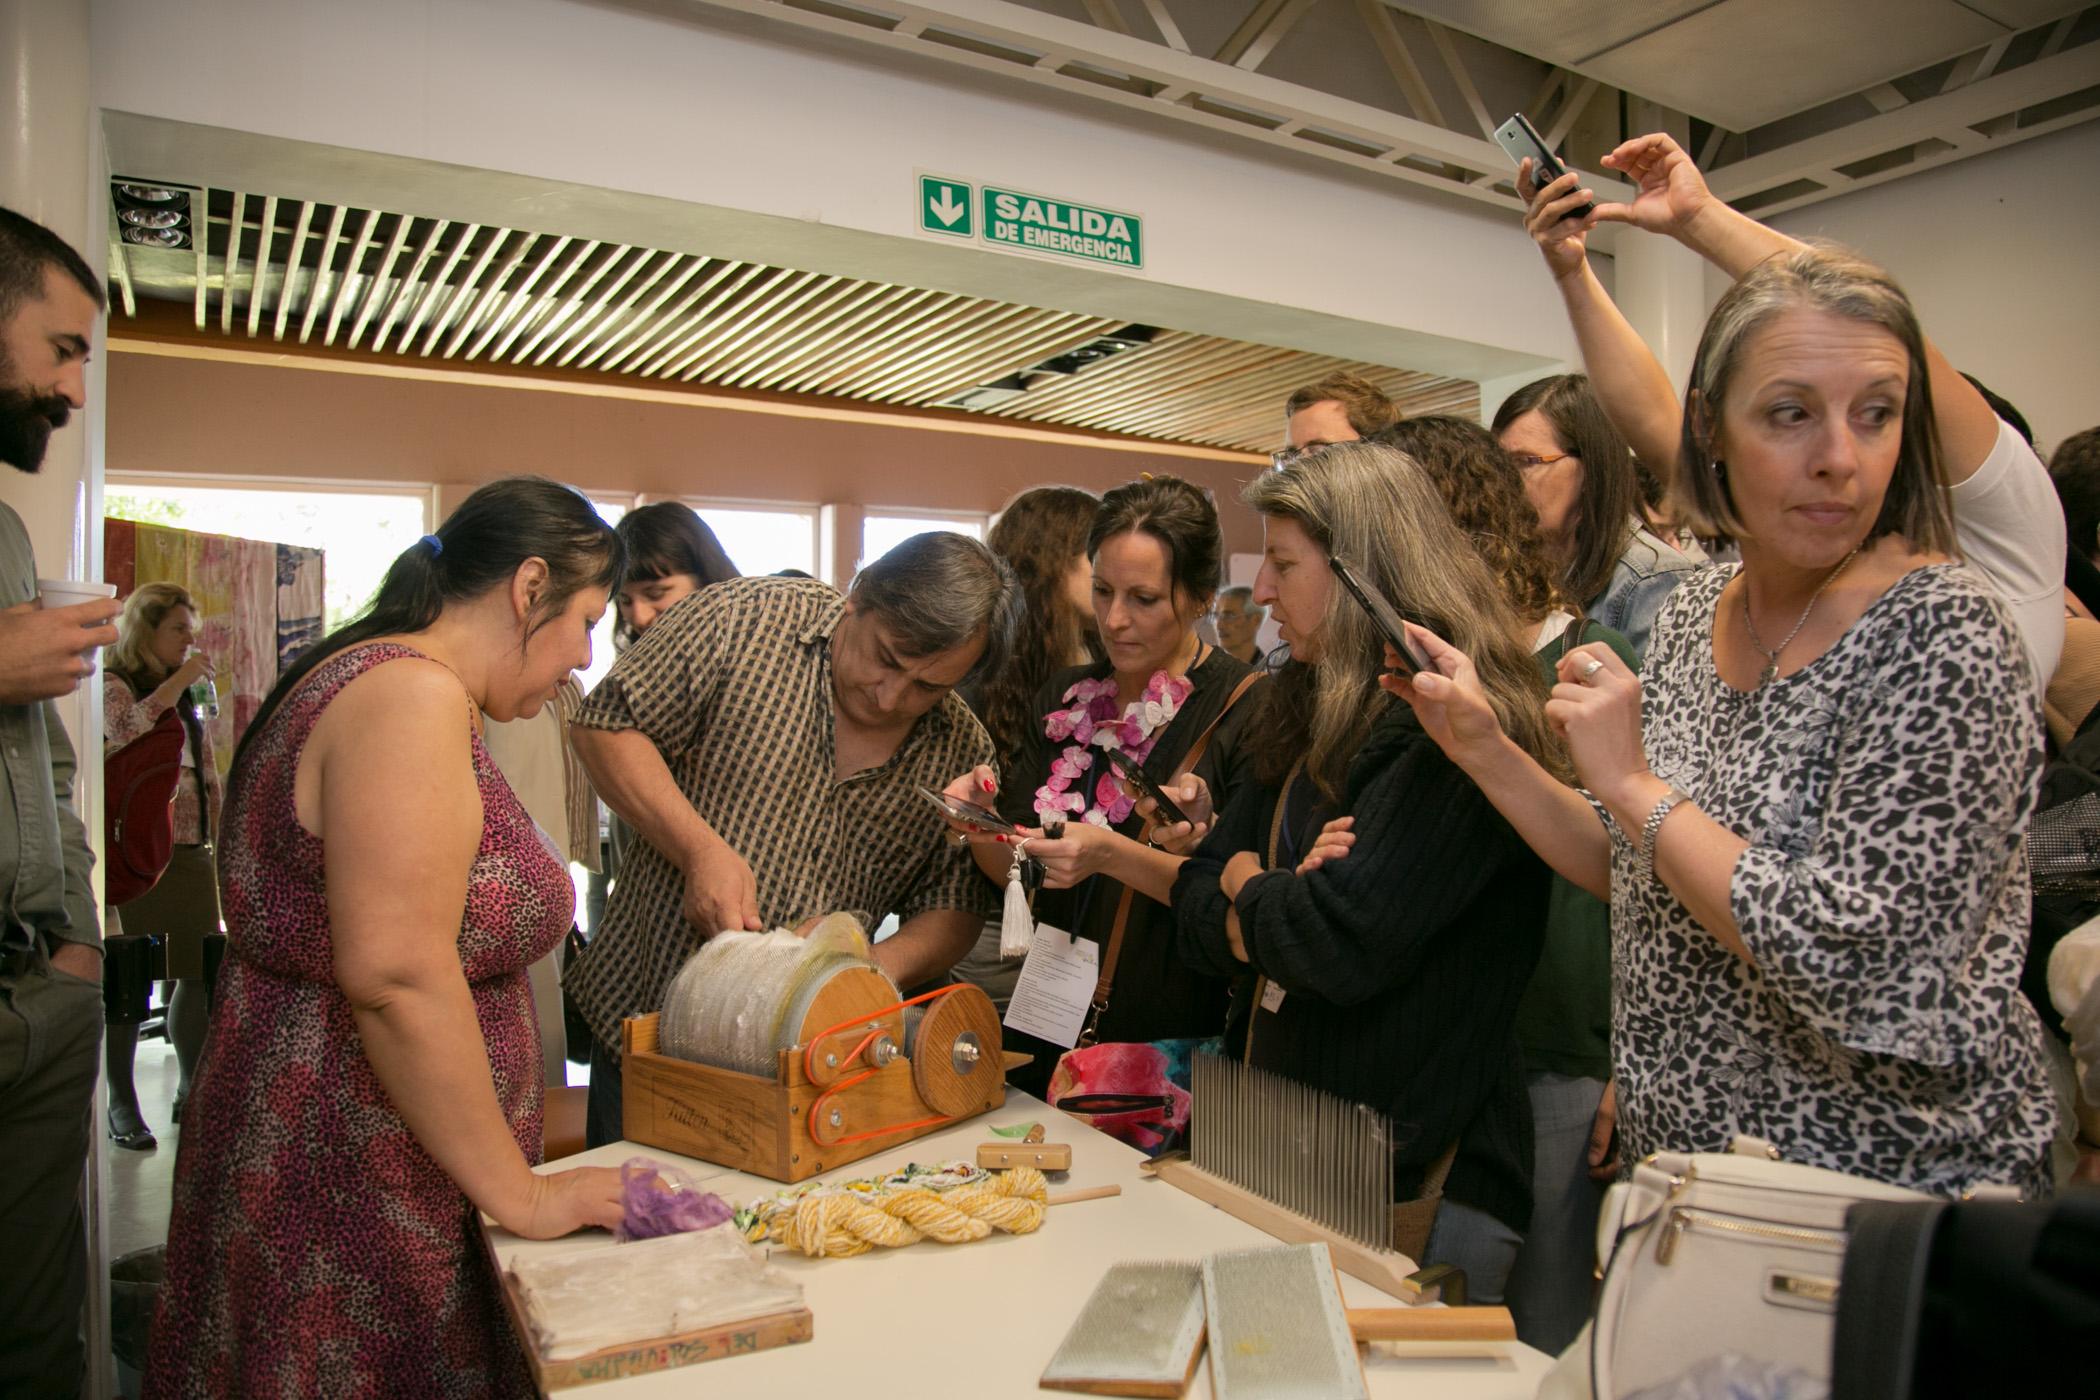 Demostraciones de peinado de seda y mezcla de fibras con una carda manual en la exhibición sobre seda arte y tecnología, 1° Workshop Internacional de la Seda